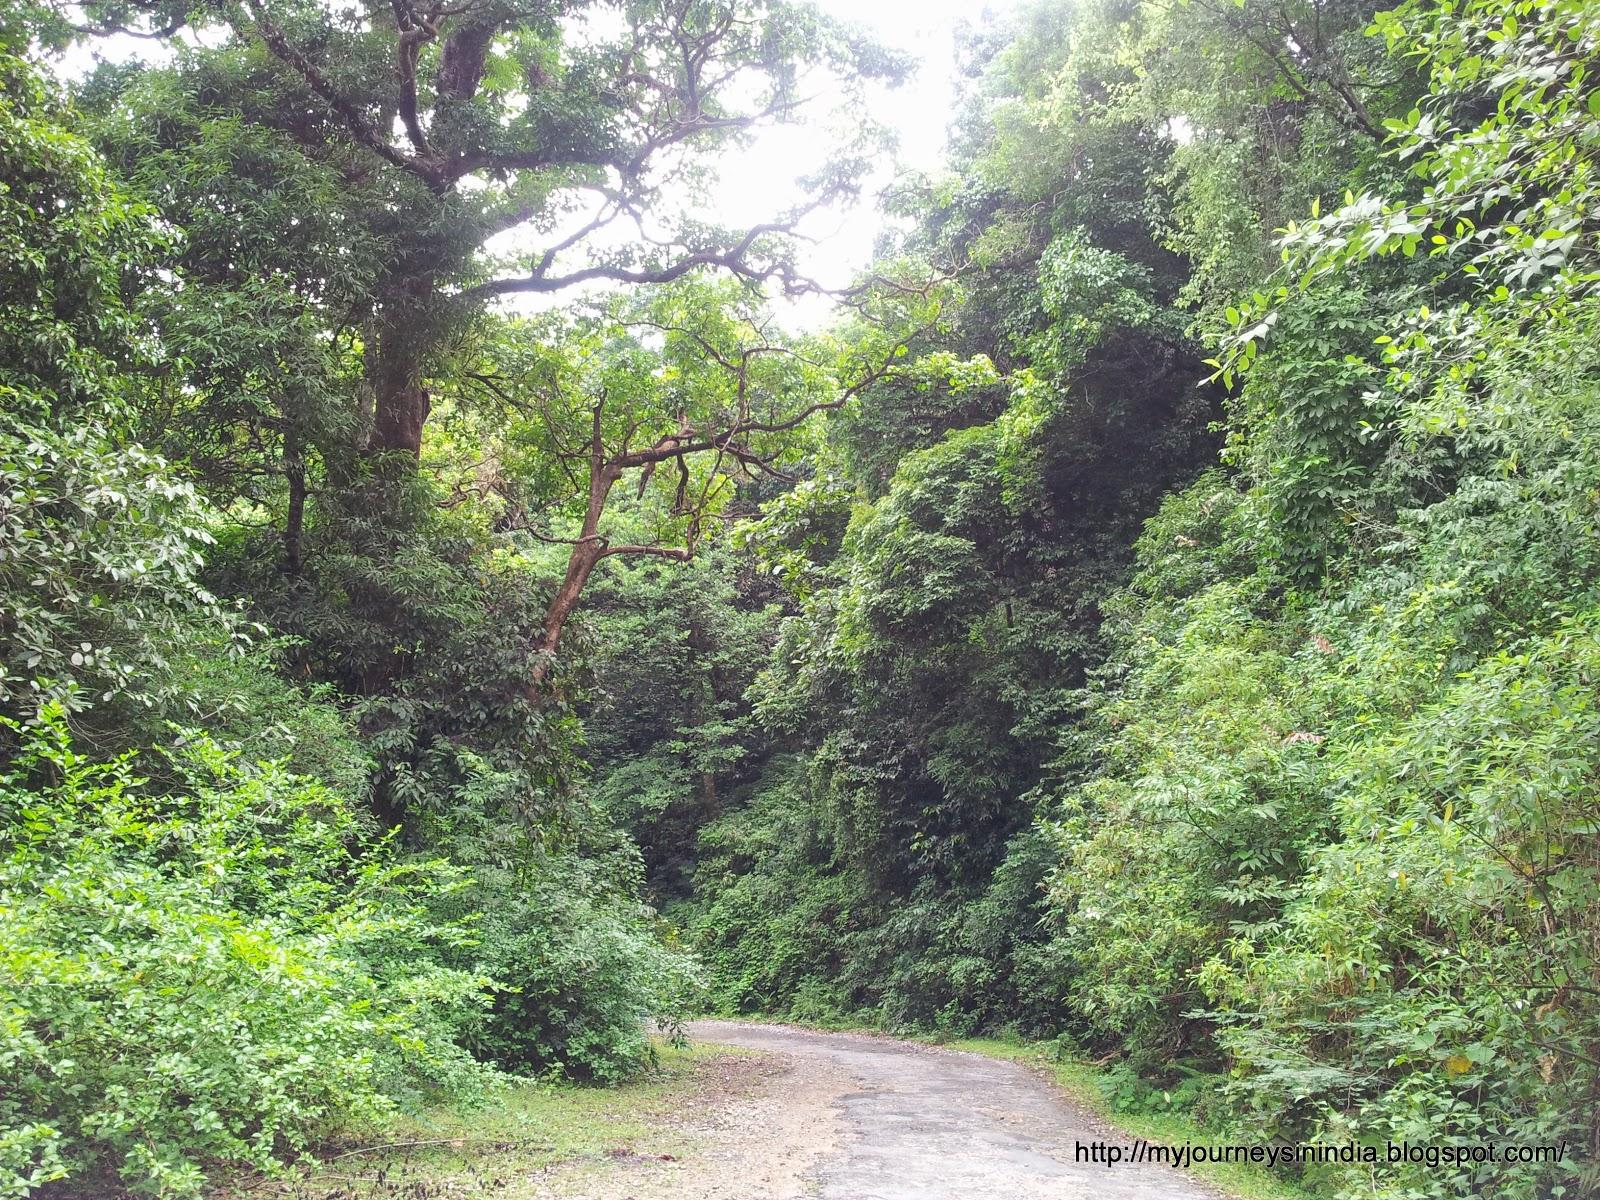 Bisle Ghat